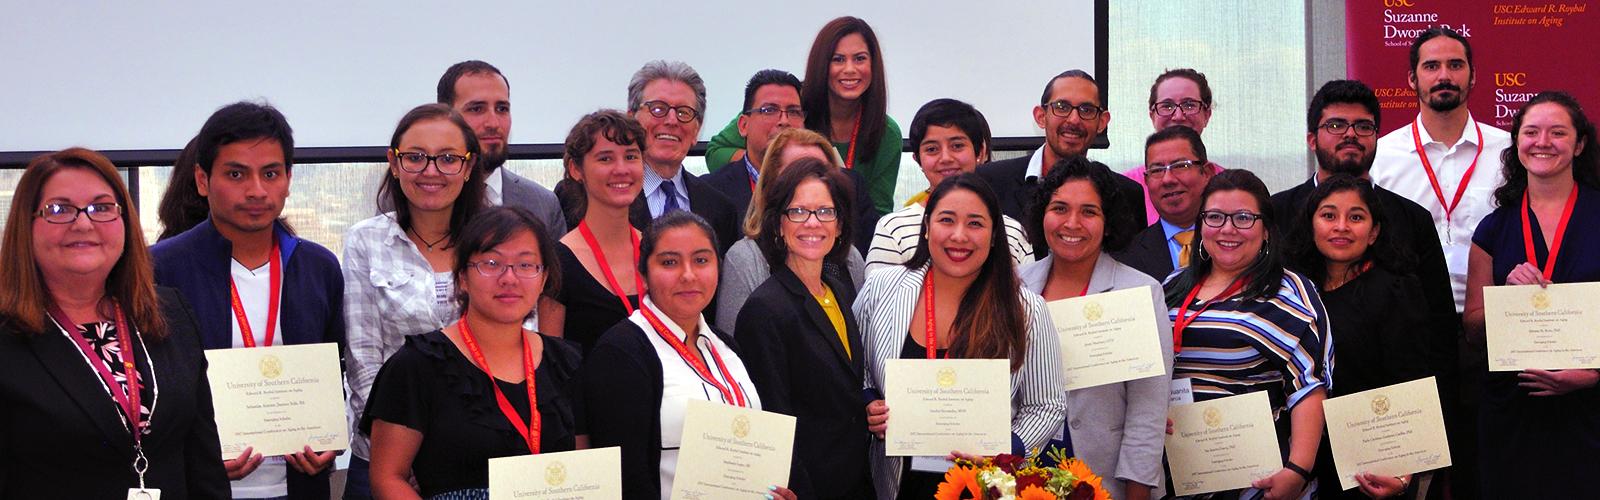 2017 ICAA group photo